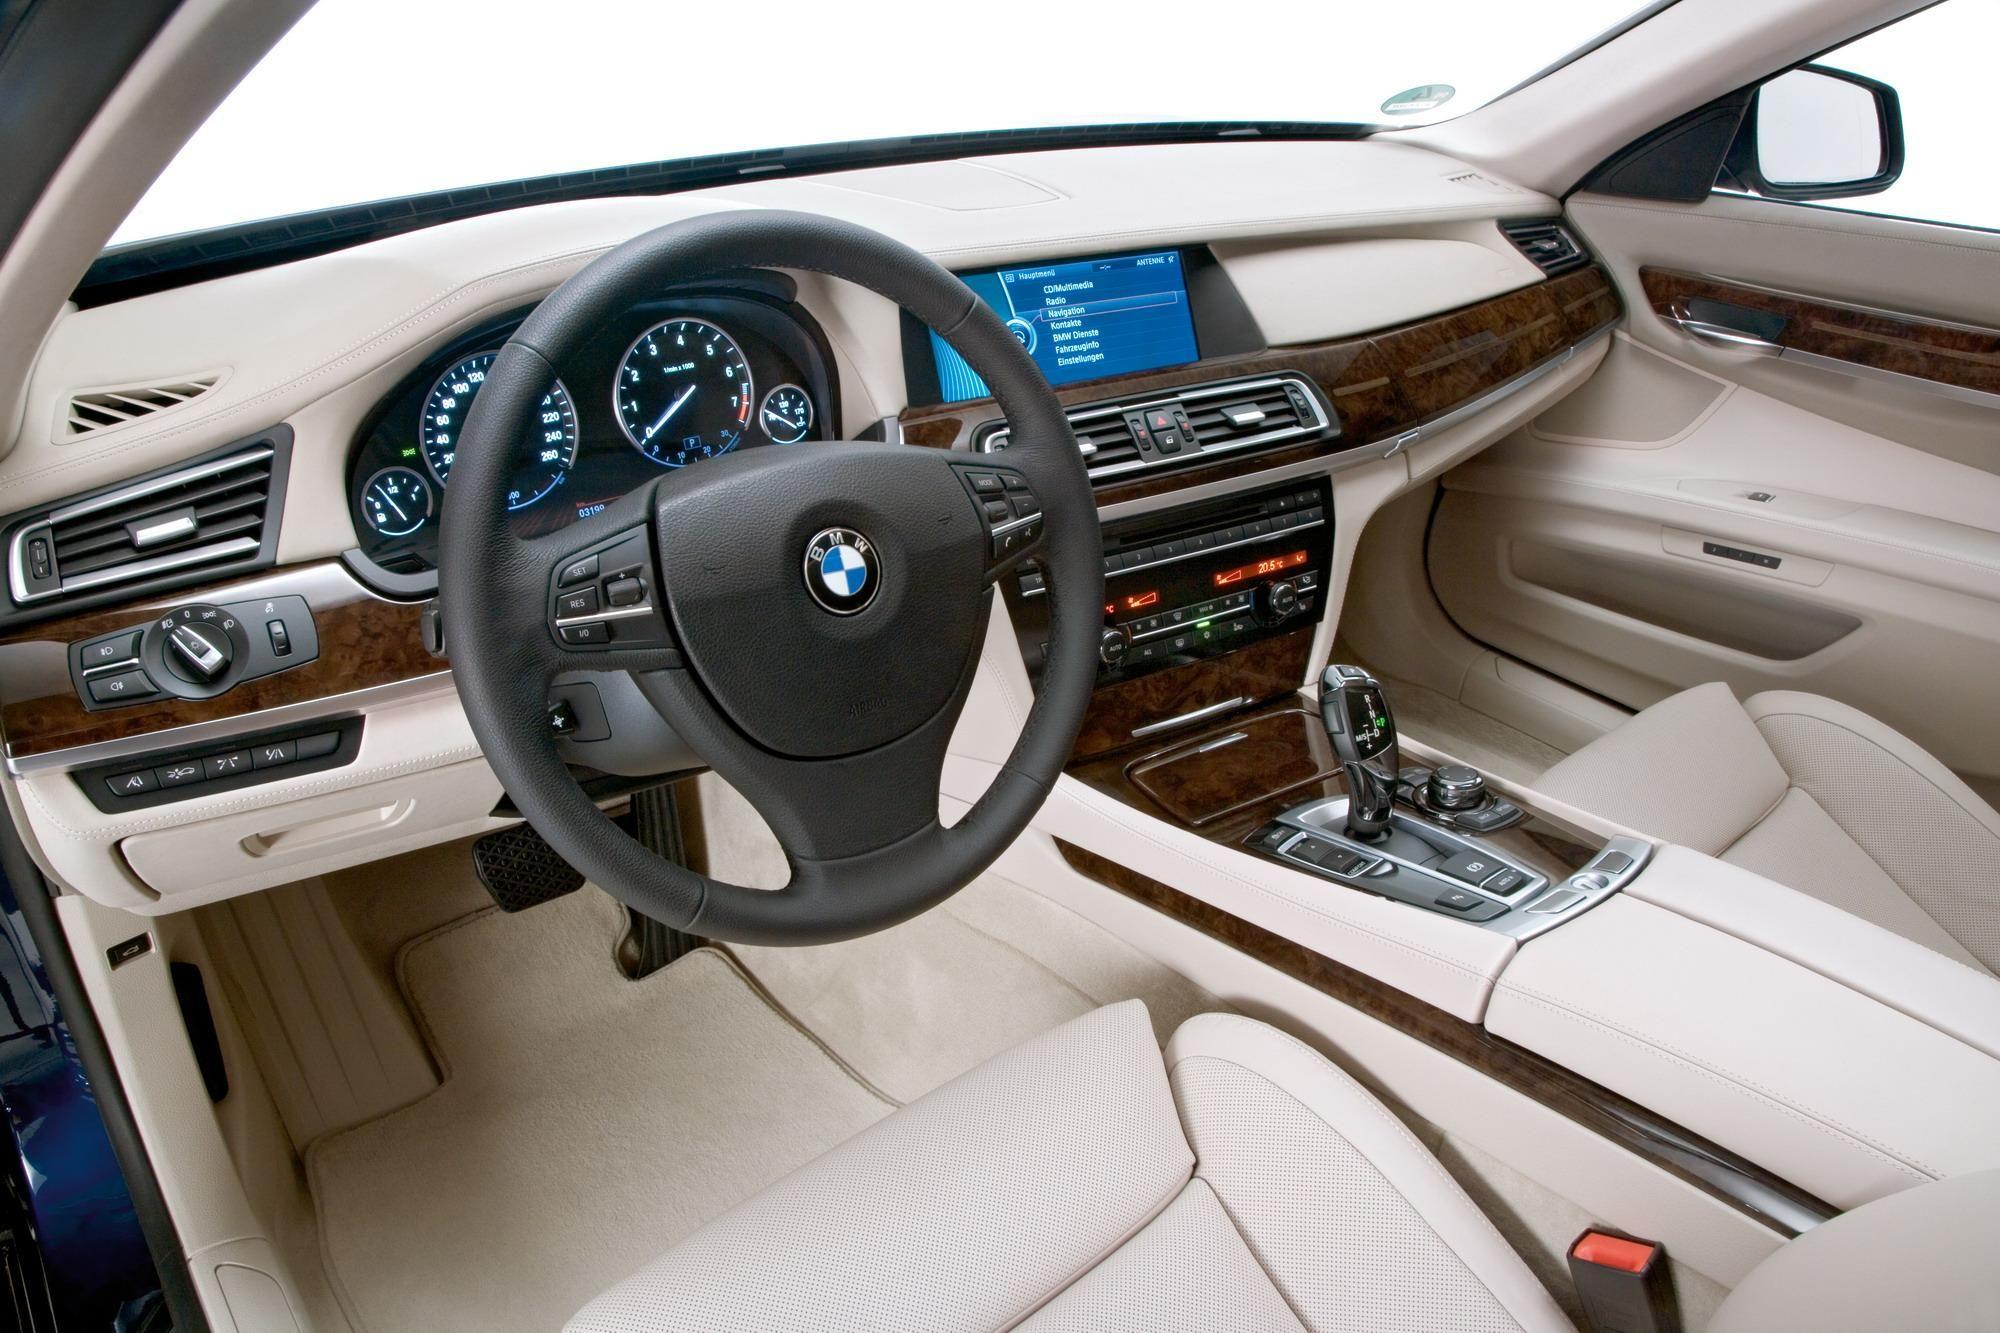 2010 Bmw 760li Bmw Car Models Bmw Bmw Classic Cars